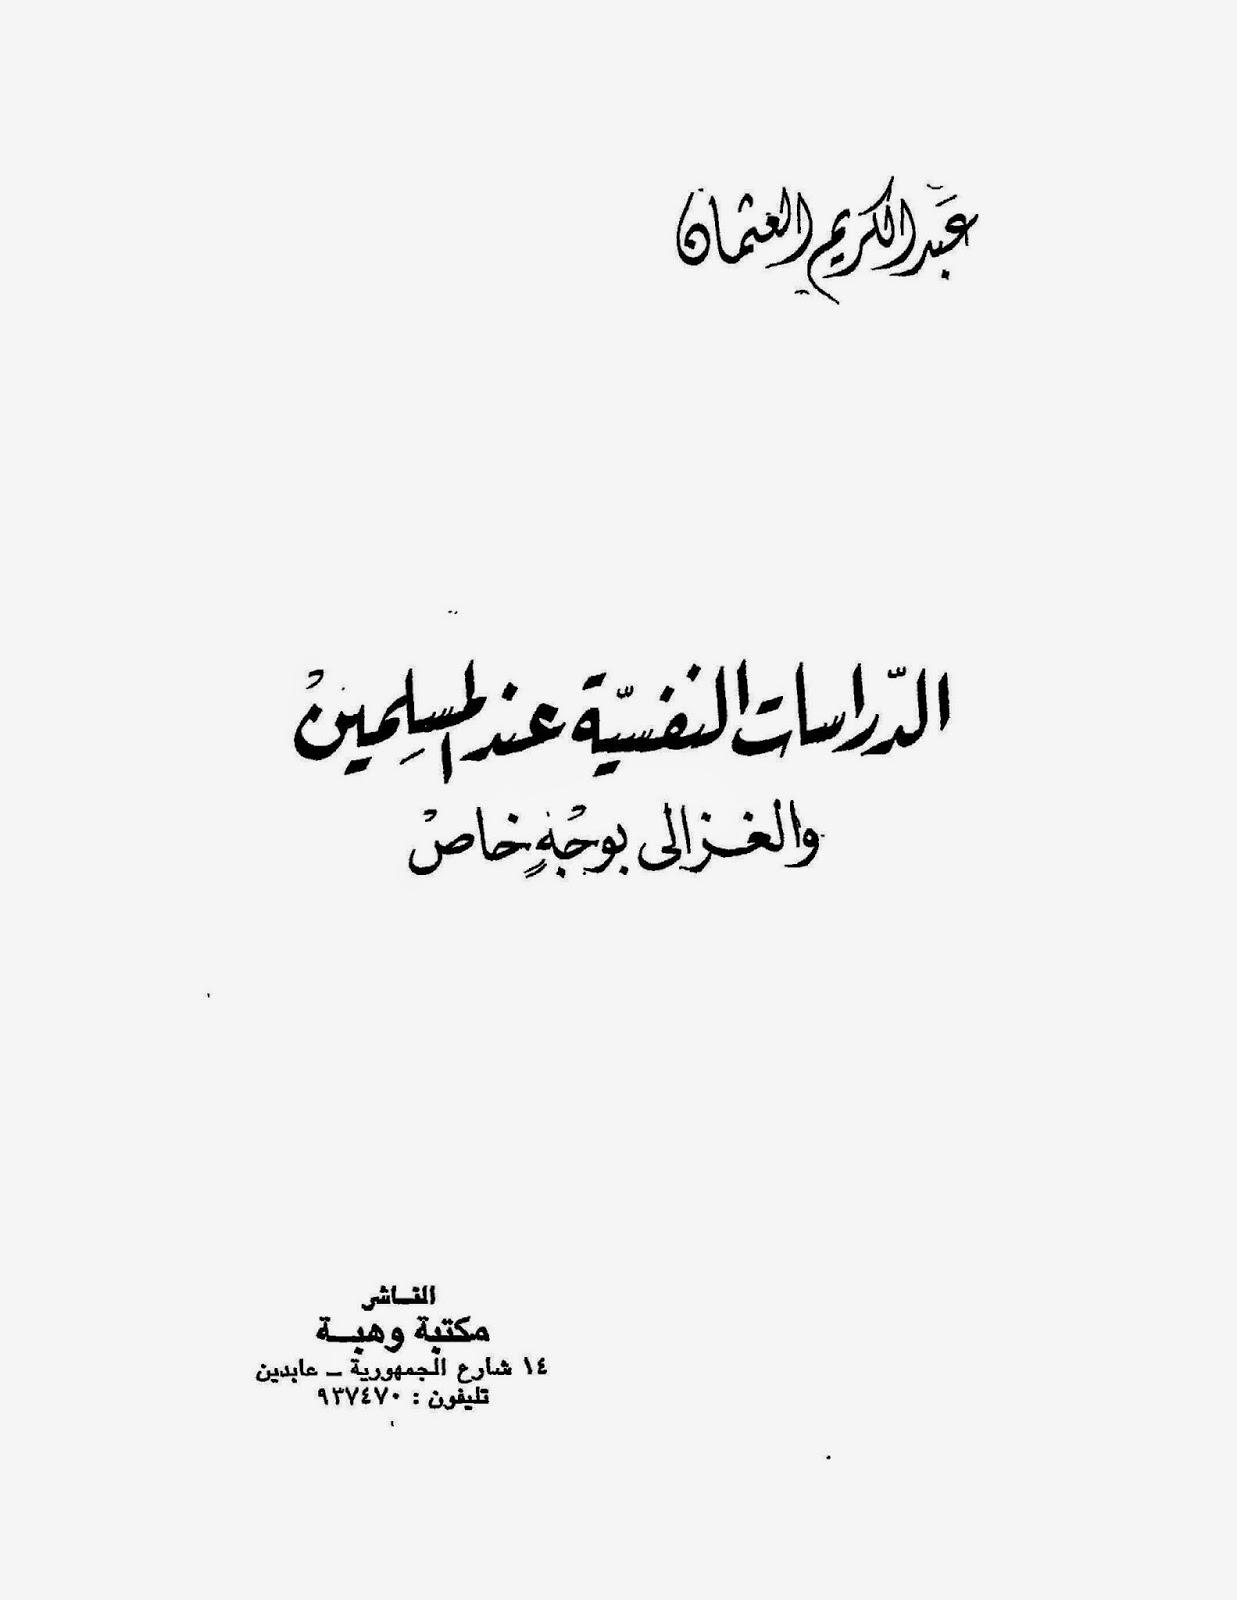 الدراسات النفسية عند المسلمين والغزالي بوجه خاص لـ عبد الكريم العثمان